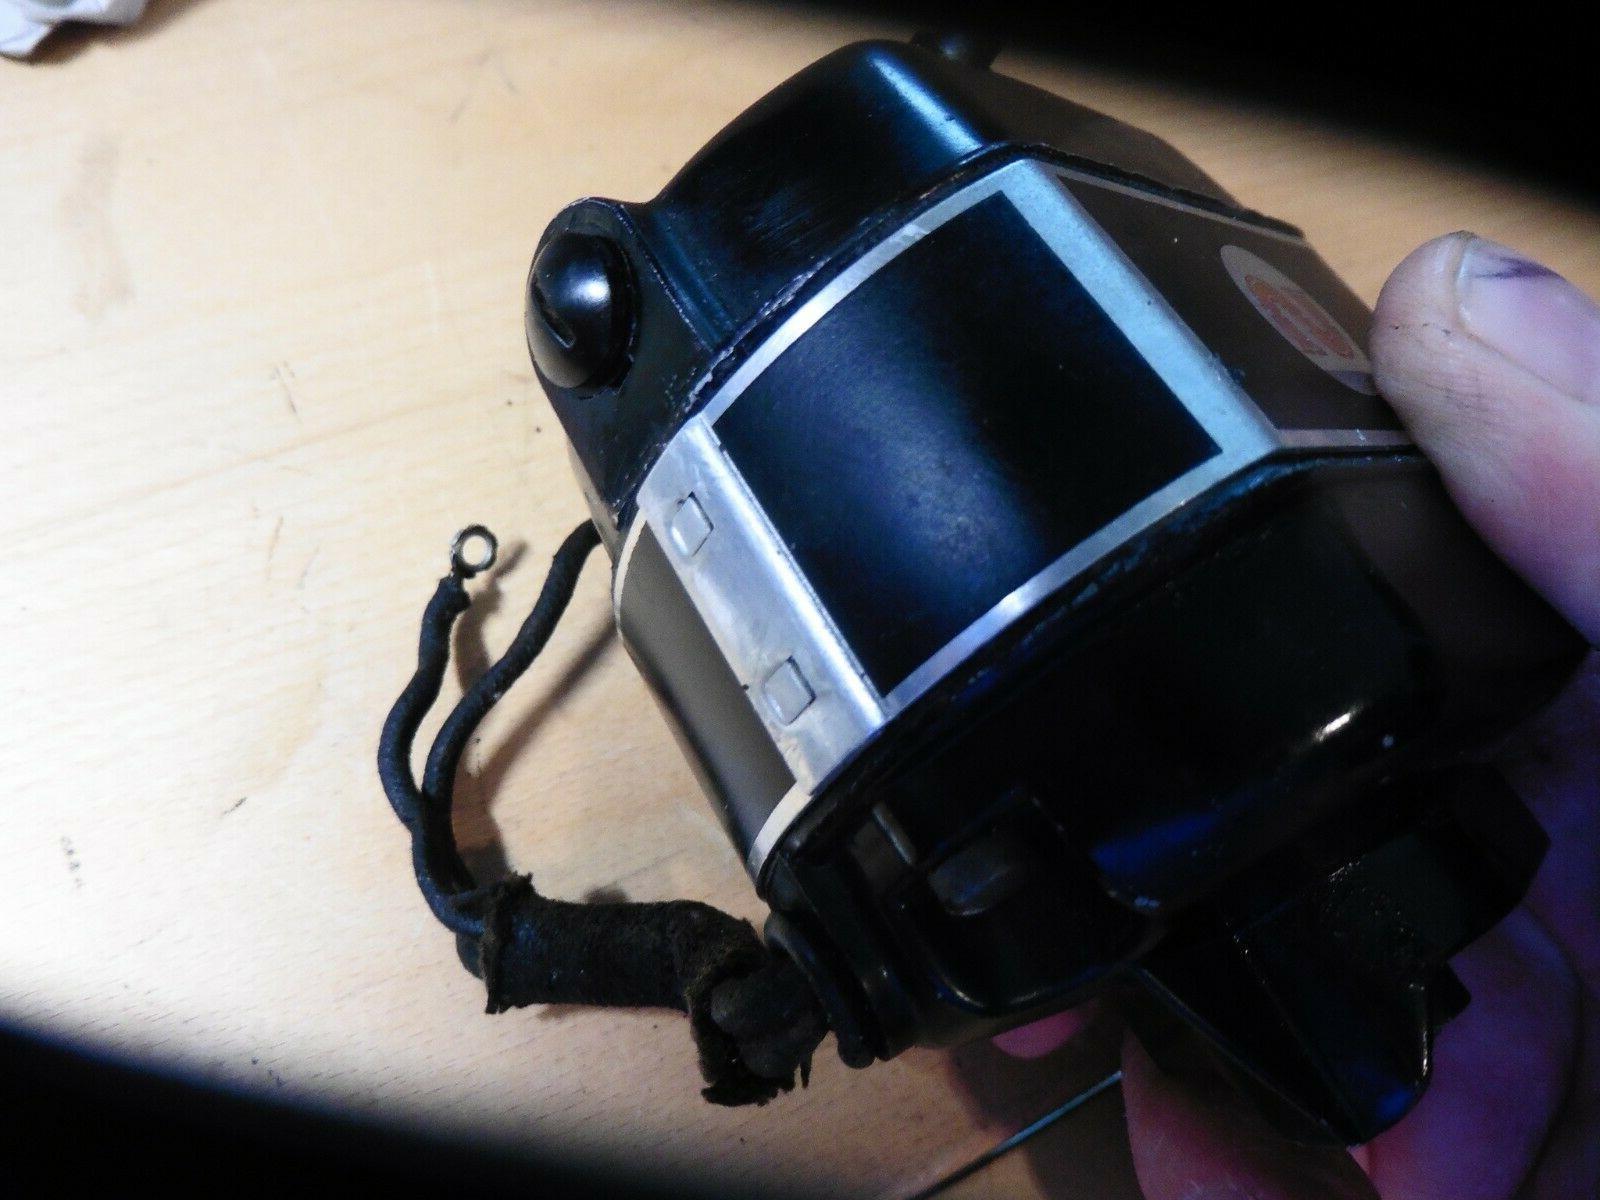 SINGER FEATHERWEIGHT 221 MACHINE MOTOR 110-120 Volts